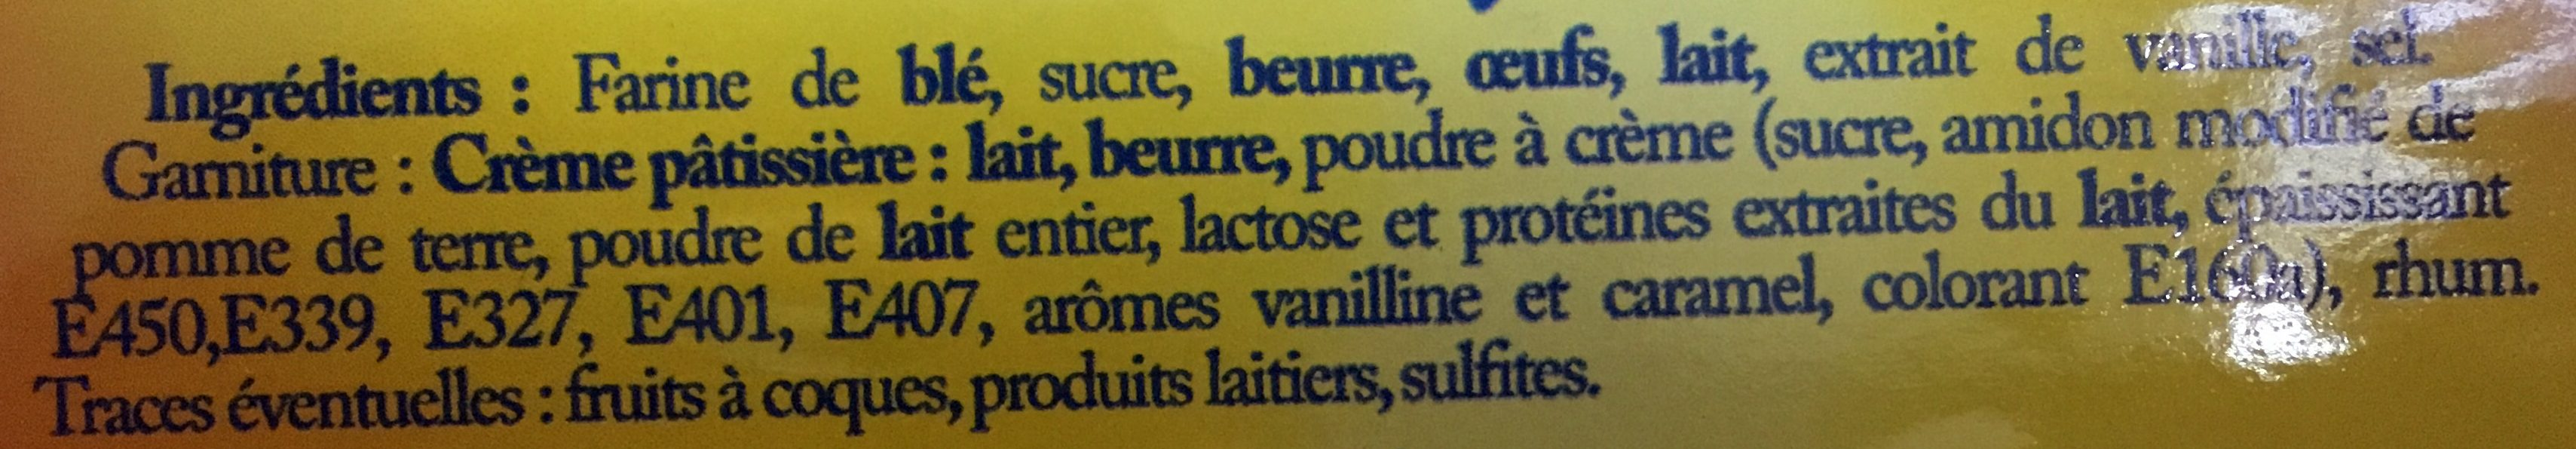 Mini gâteaux basques crème x2 - Ingrediënten - fr